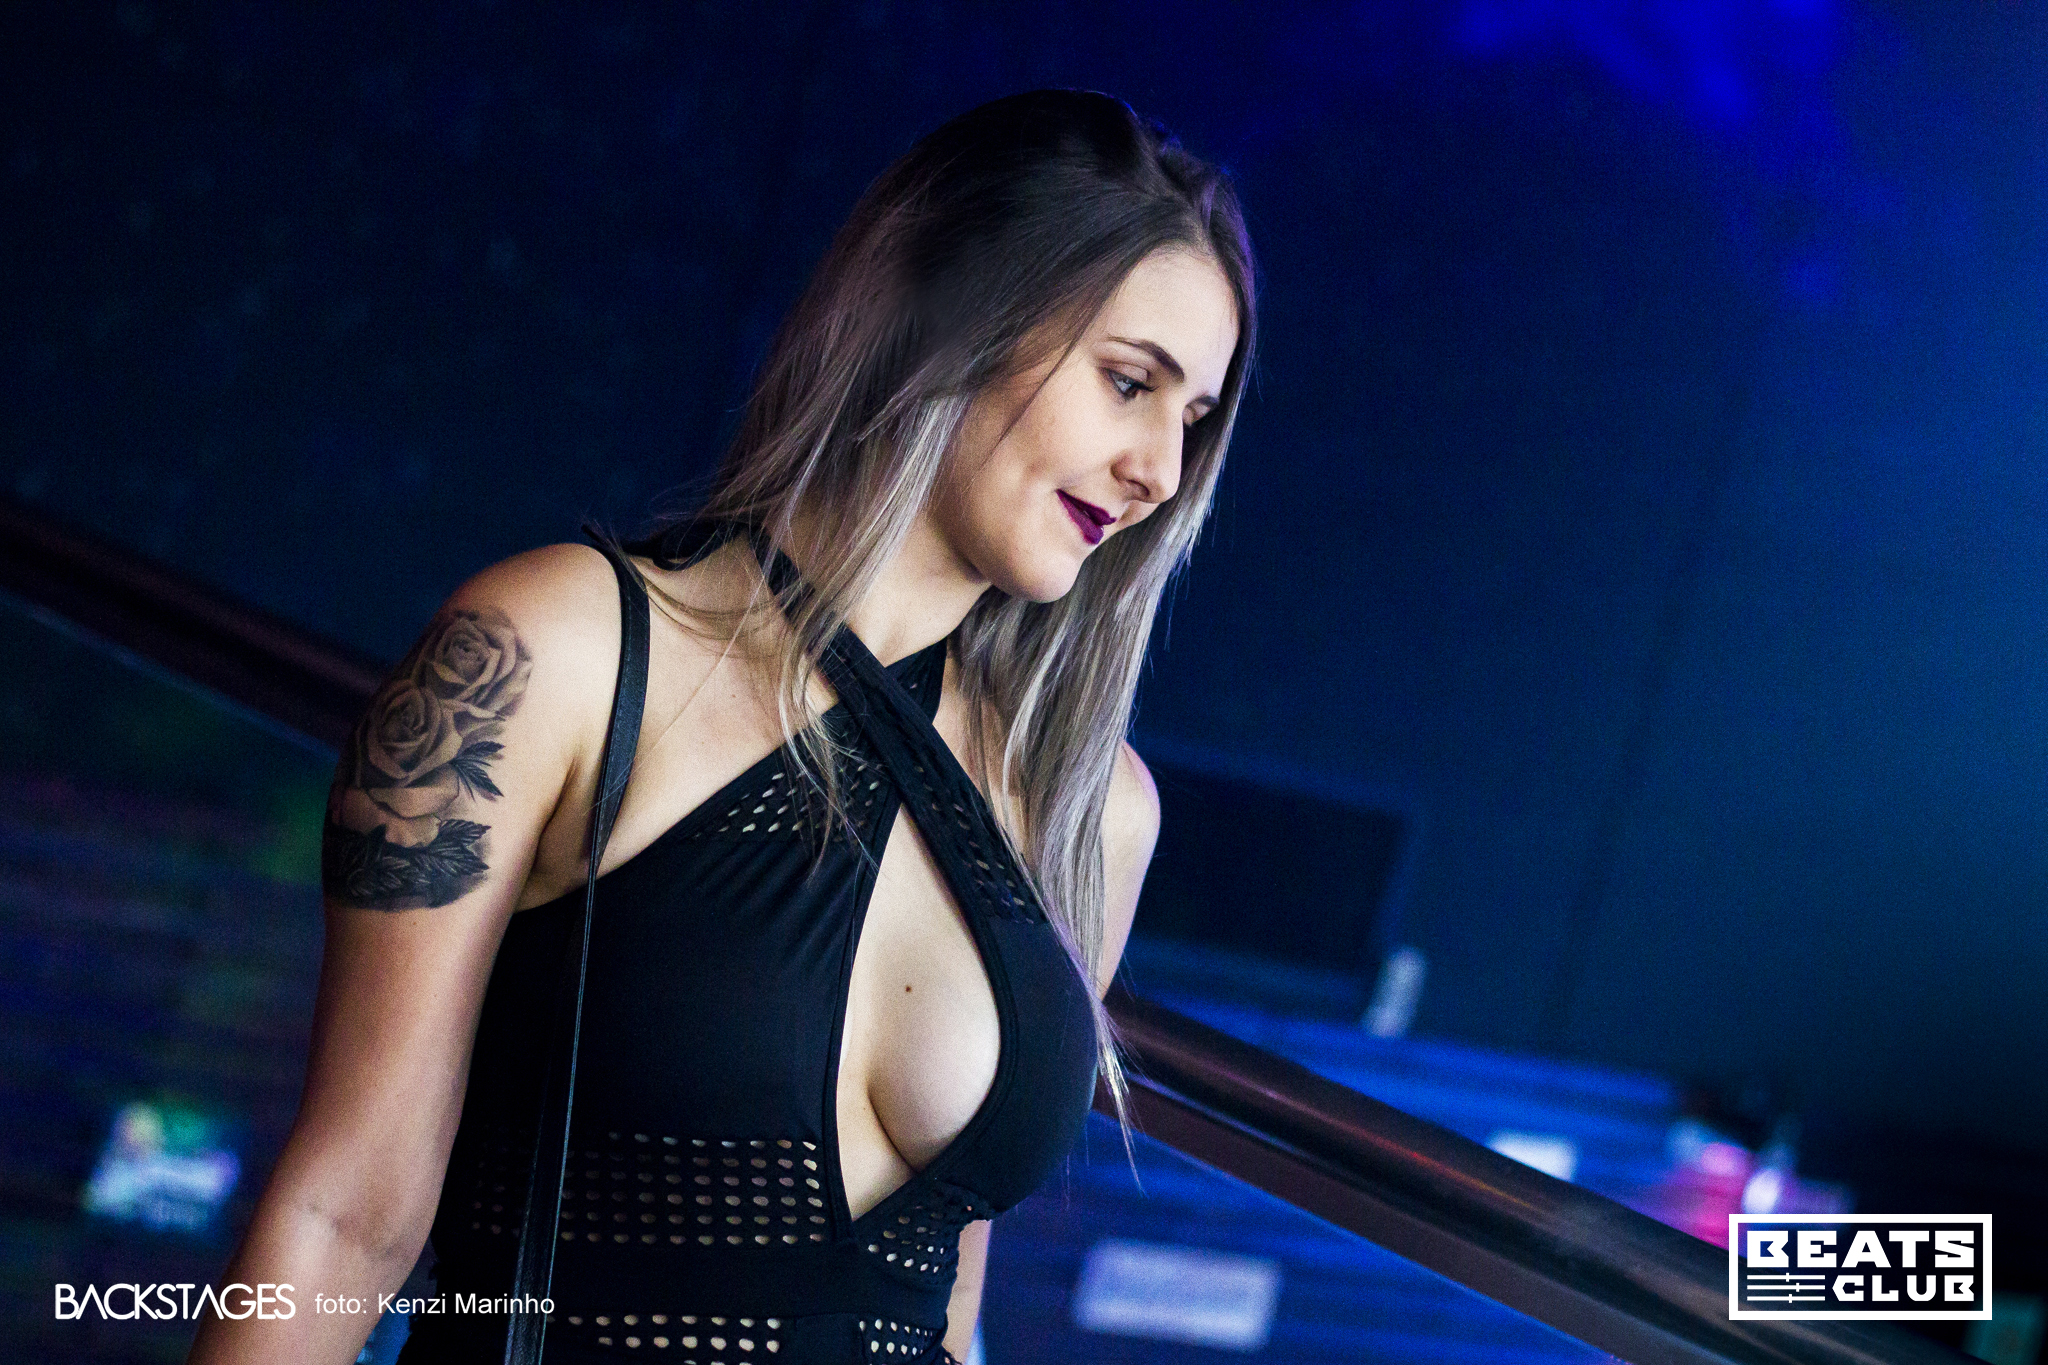 Beats Club - Inauguração 06.05.2017 - Kenzi Marinho (52)